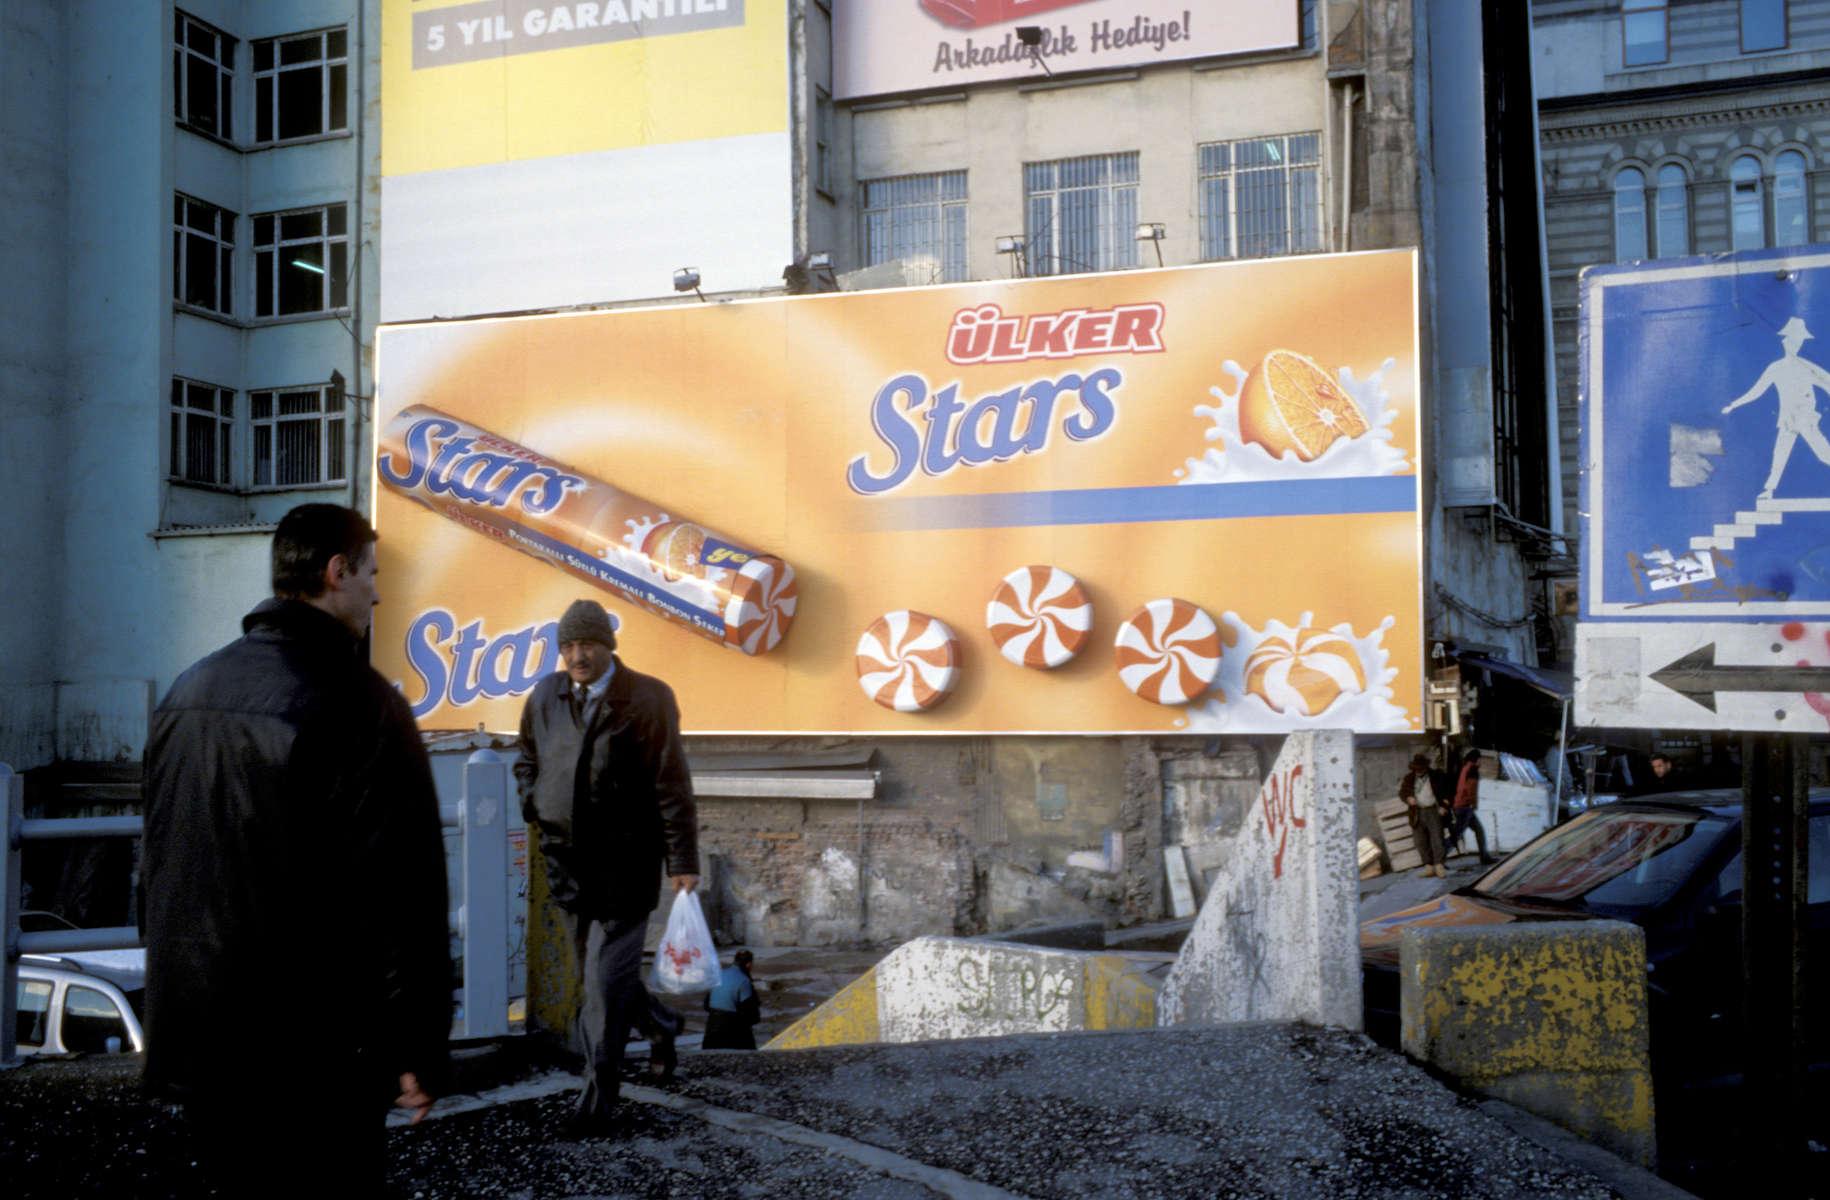 Istanbul street scene. November, 2004.